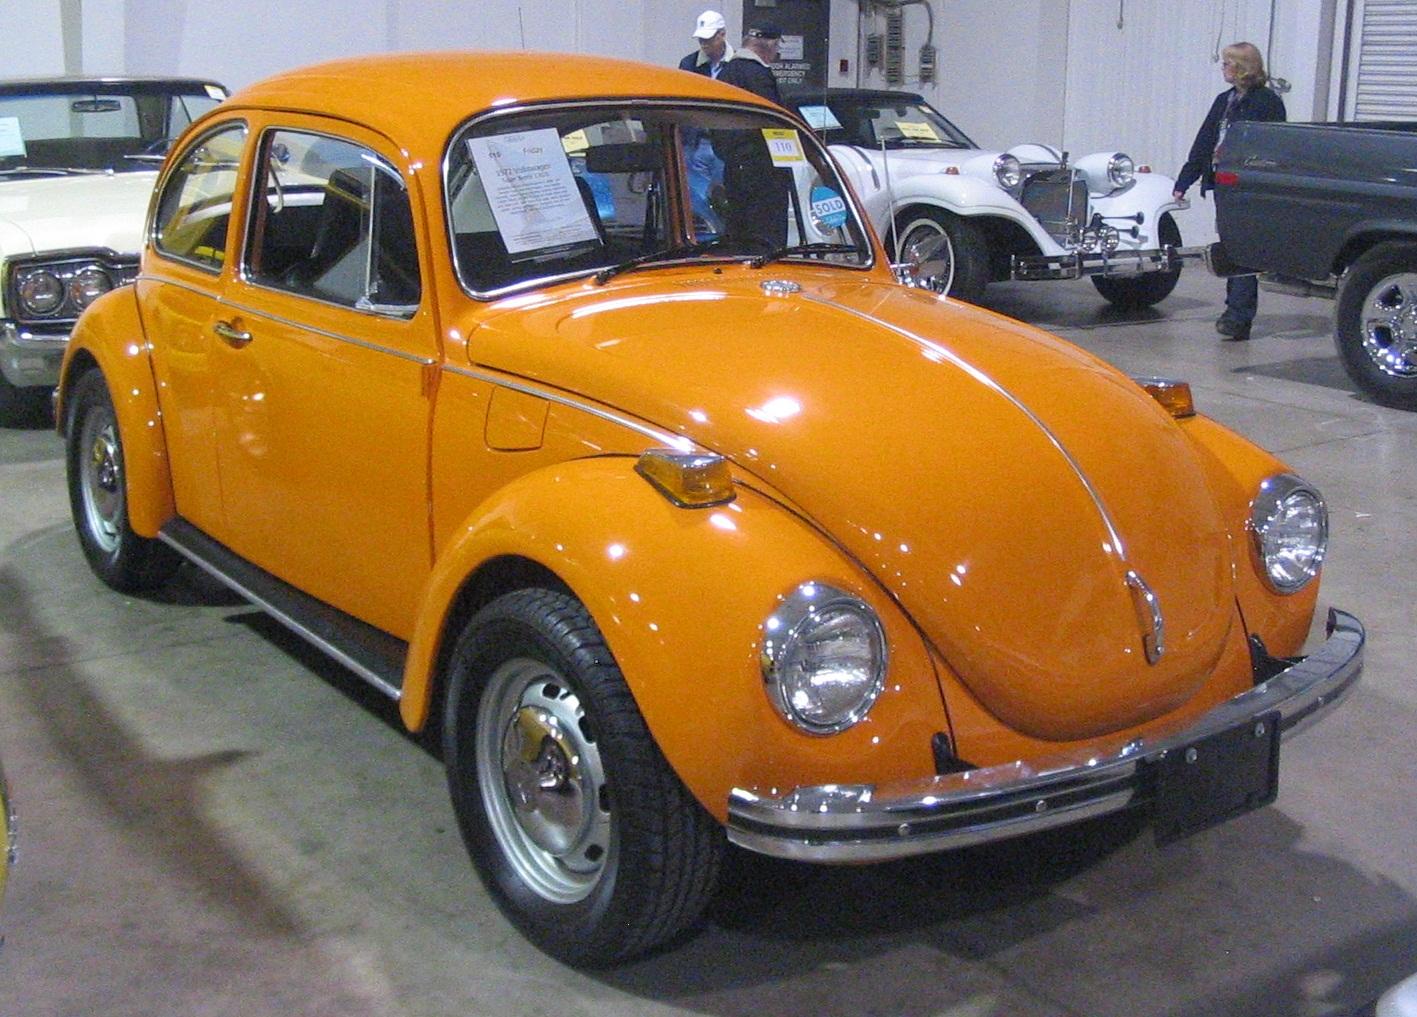 volkswagen beetle old 2017. Black Bedroom Furniture Sets. Home Design Ideas